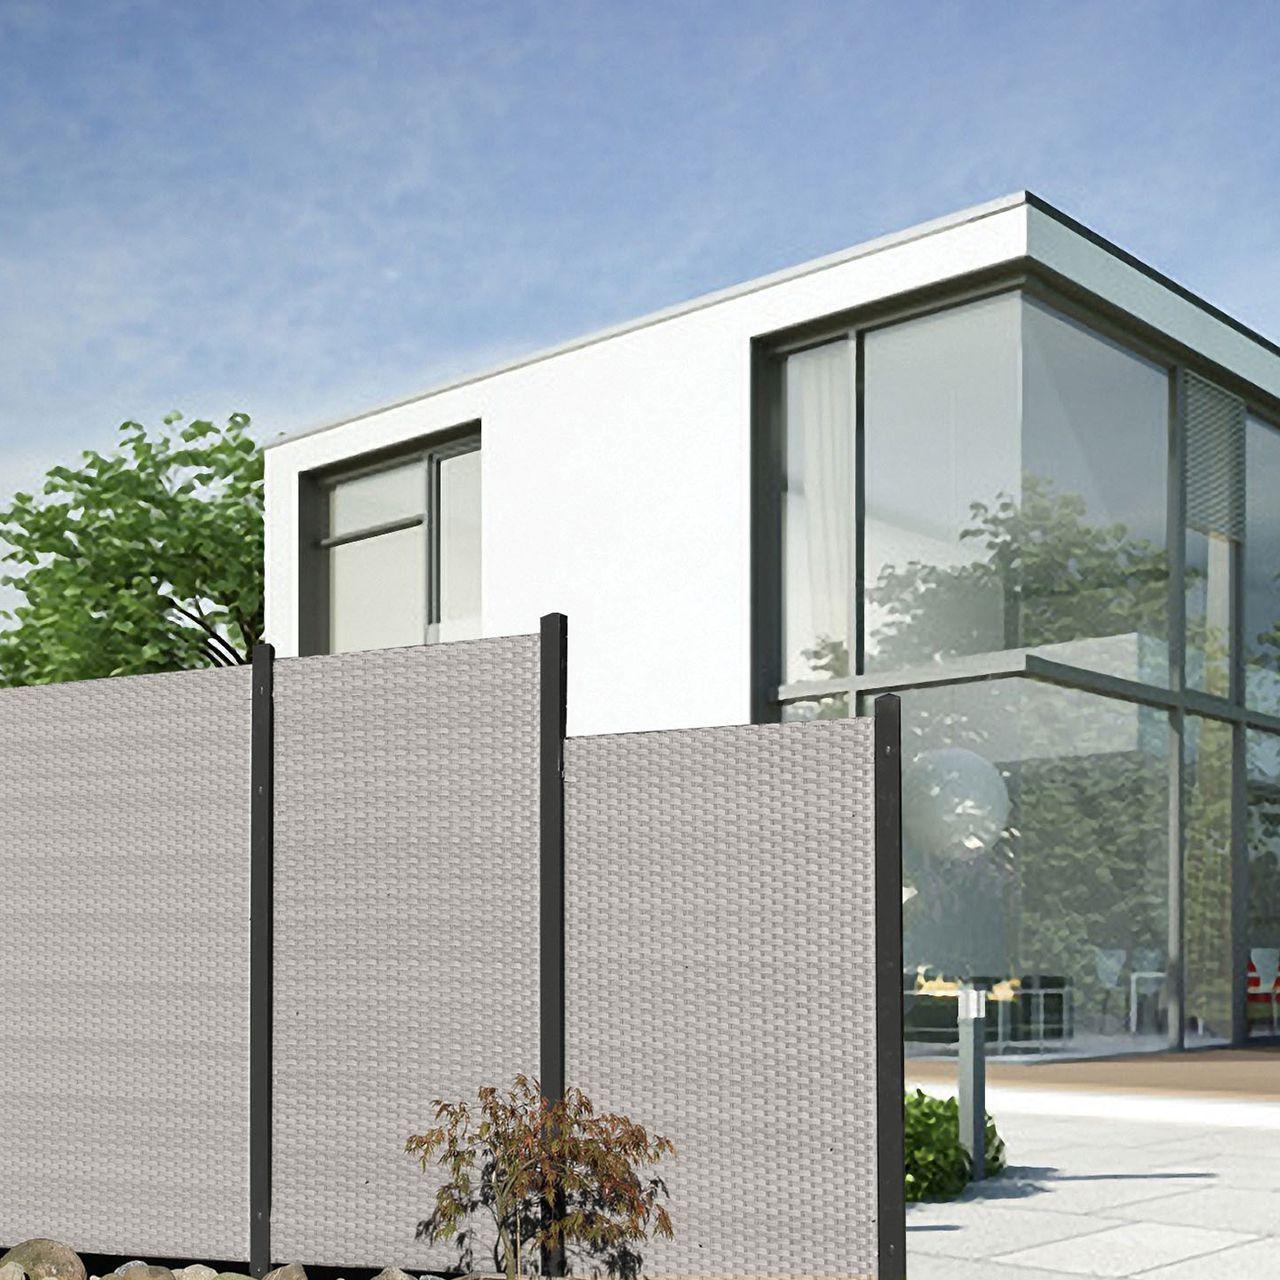 sichtschutz balkon seitlich ohne bohren elegant balkon sichtschutz plexiglas fur windschutz. Black Bedroom Furniture Sets. Home Design Ideas